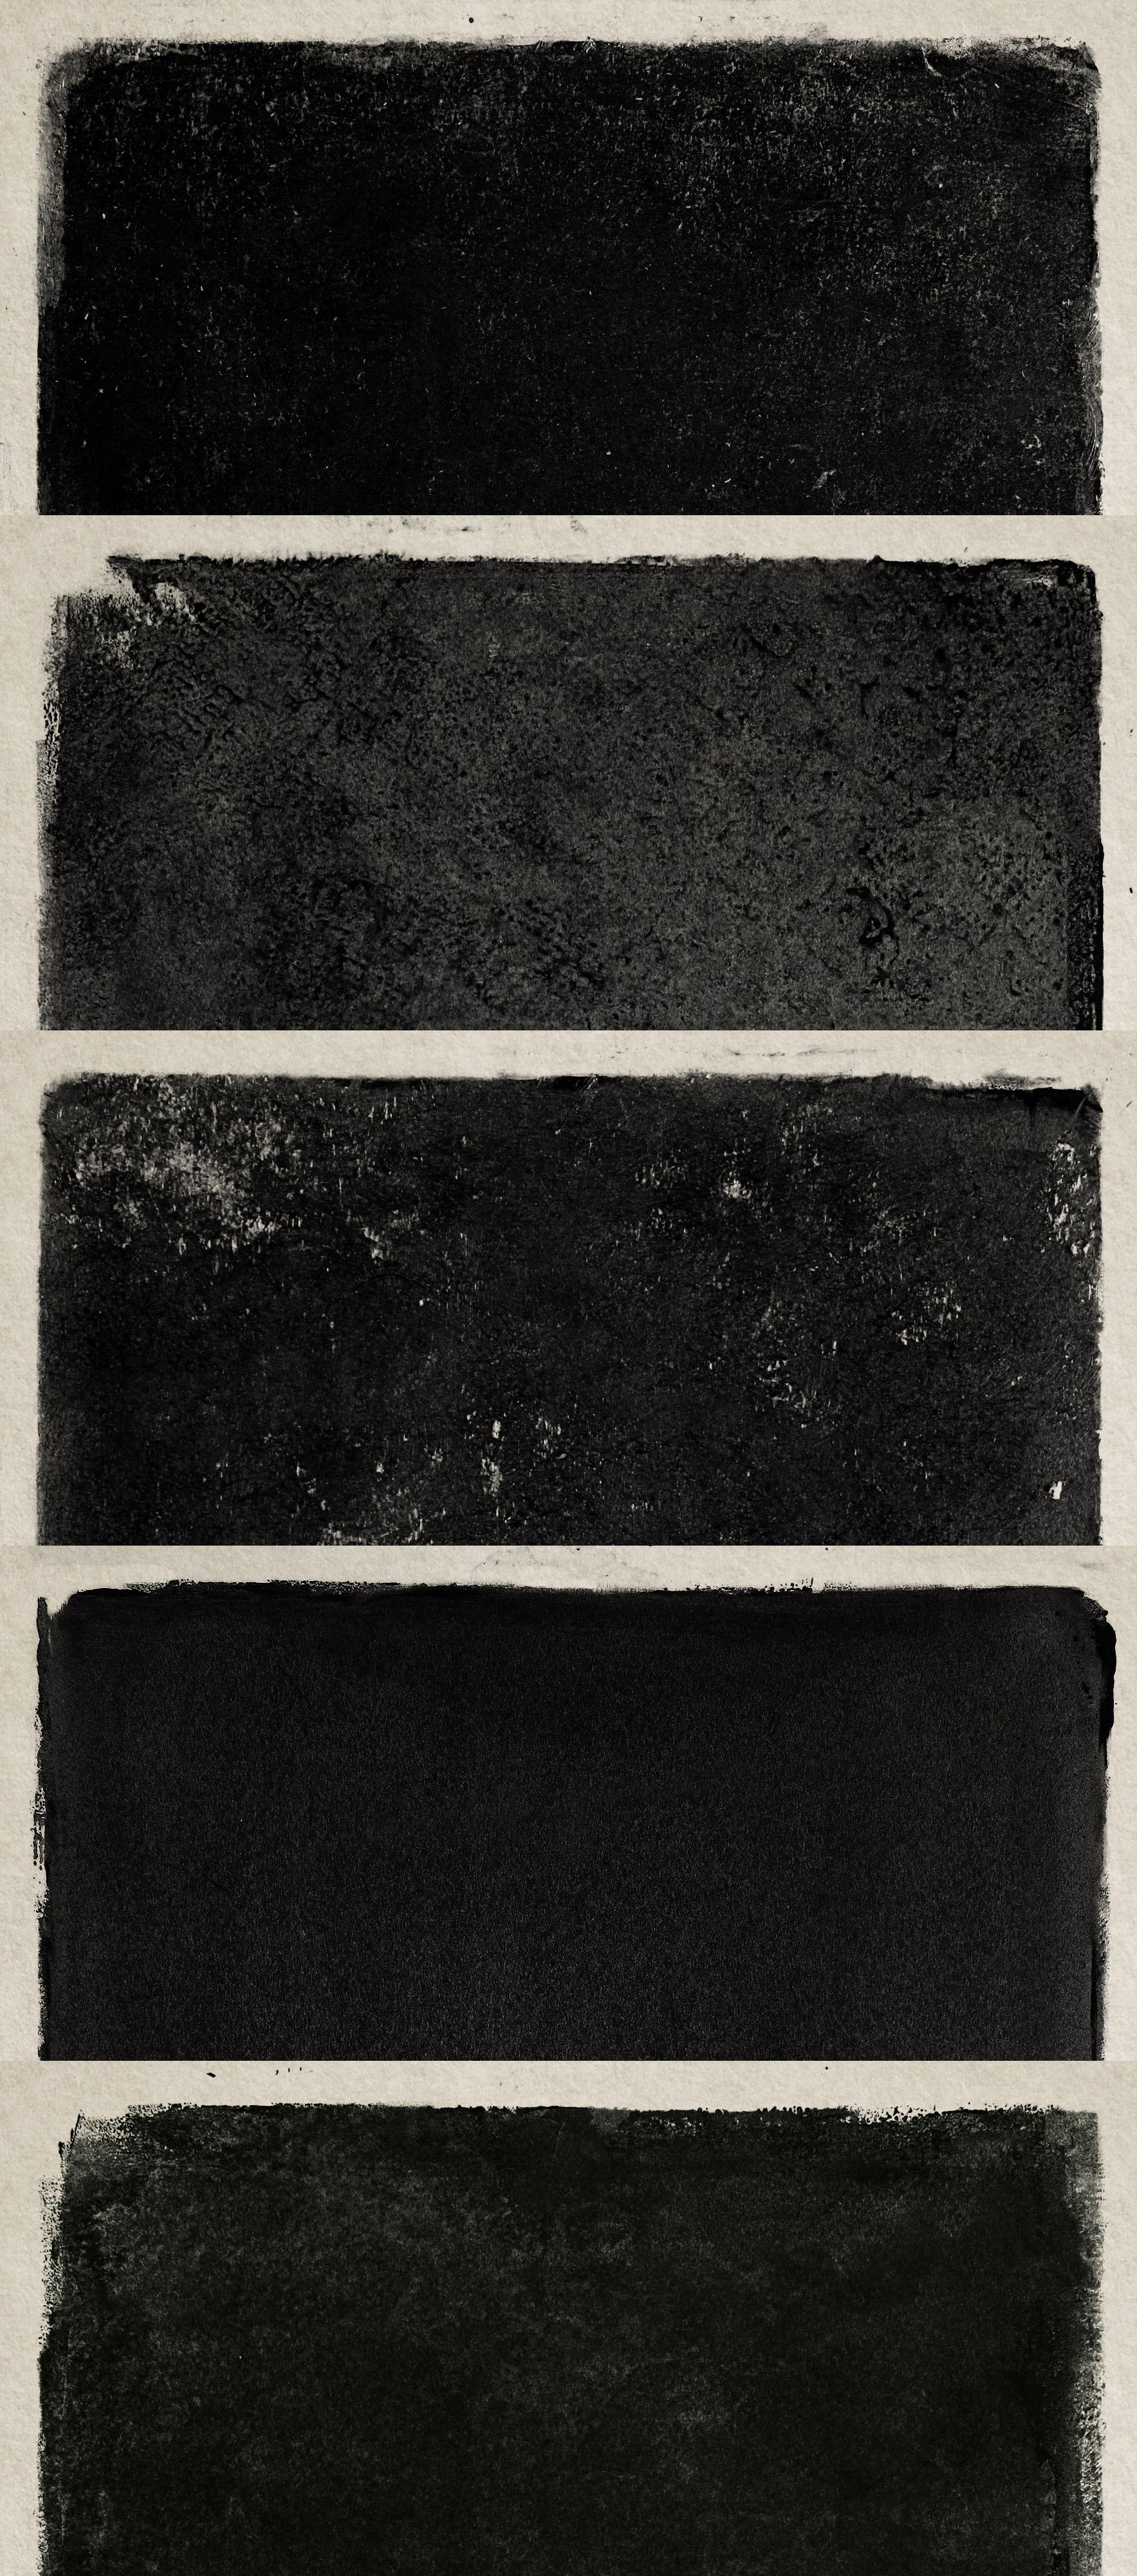 5 Soft Grunge Textures